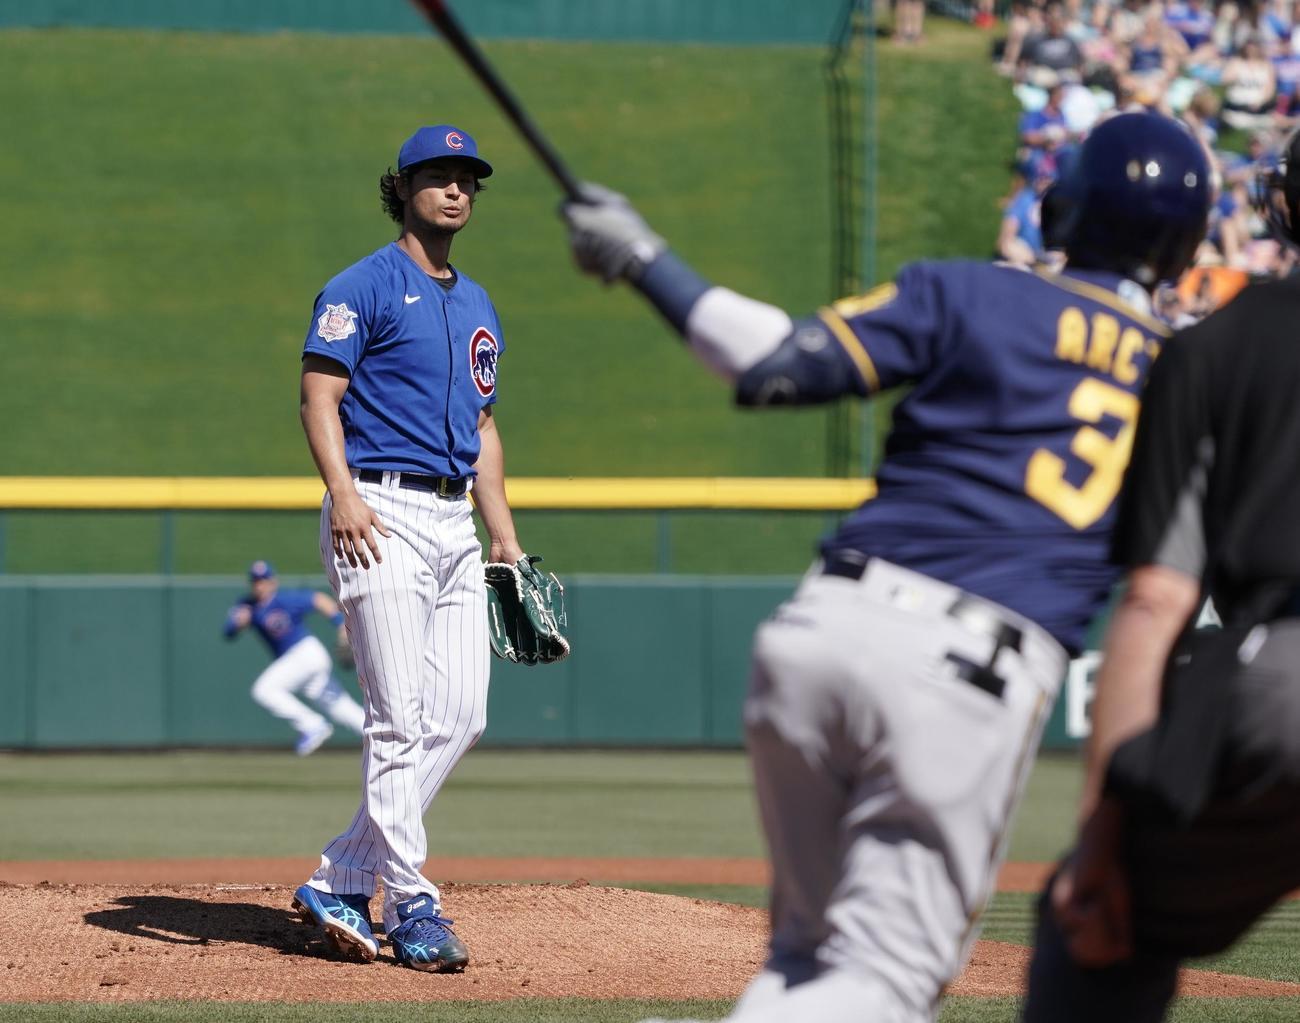 ブルワーズとのオープン戦に今季初登板し、初回、先頭打者アルシアに本塁打を打たれるカブス・ダルビッシュ(撮影・菅敏)